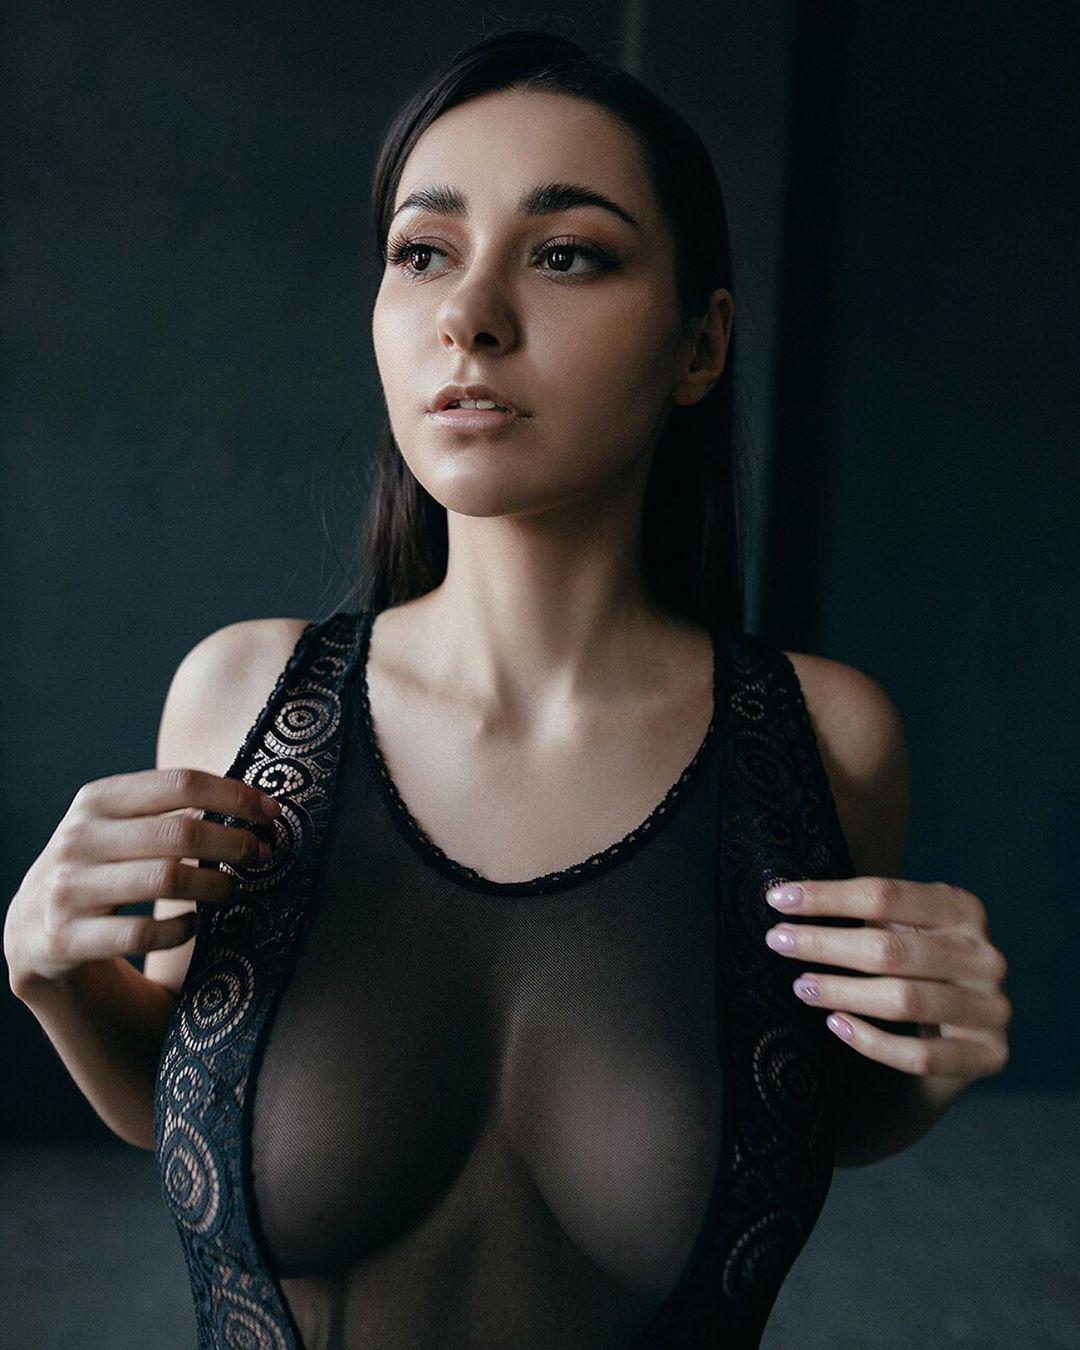 Чувственные снимки девушек от Татьяны Мерцаловой